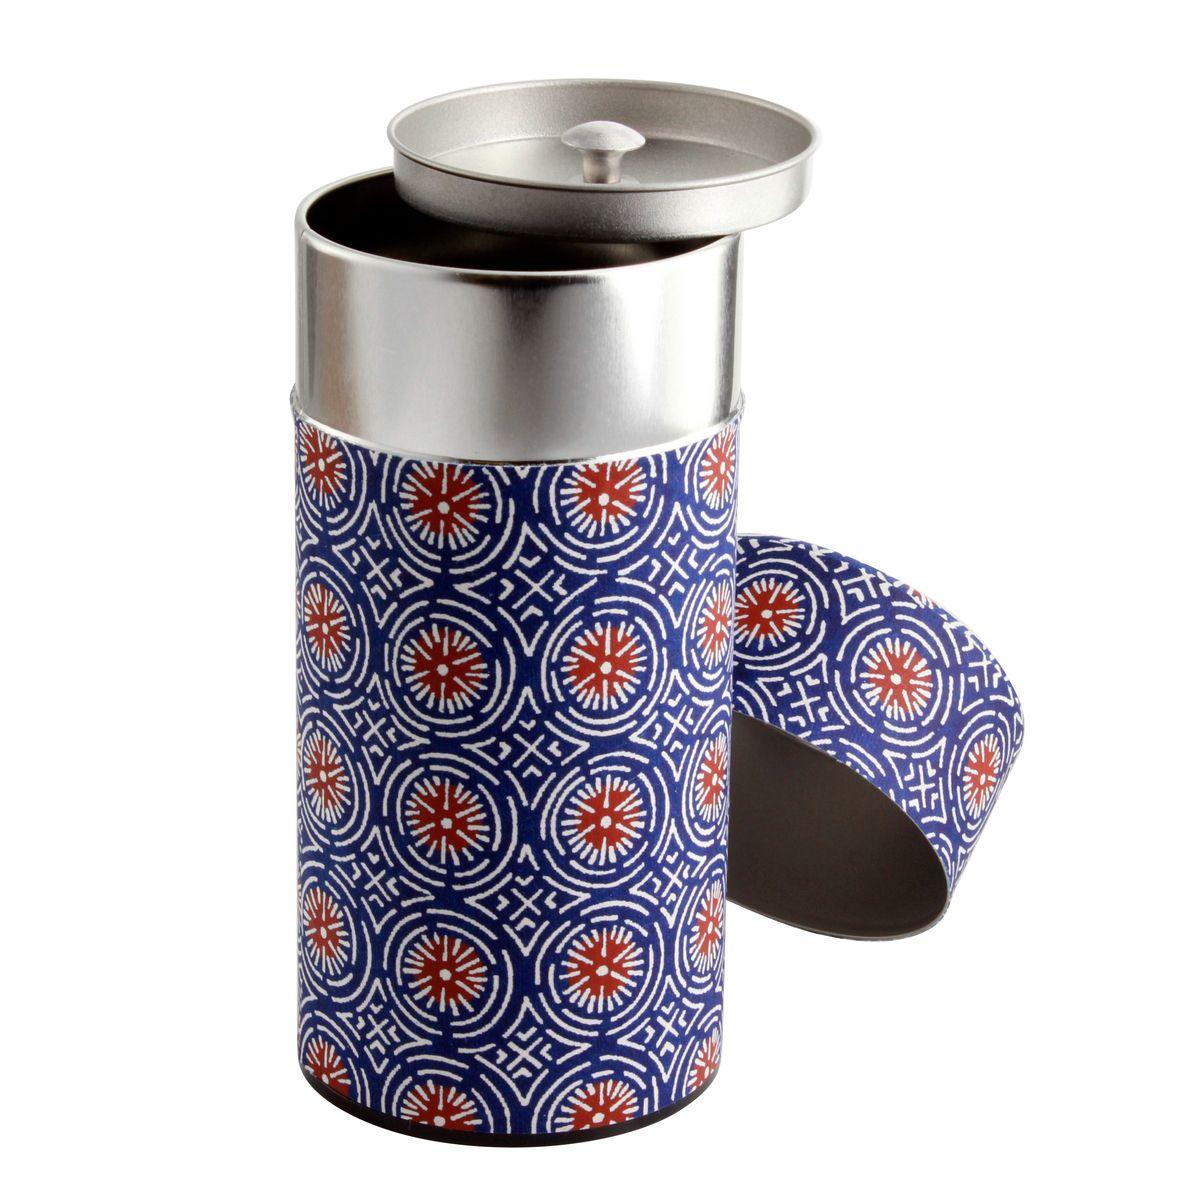 Boîte à thé 200g 7.5x15.5 cm Adonis - Bastide Diffusion